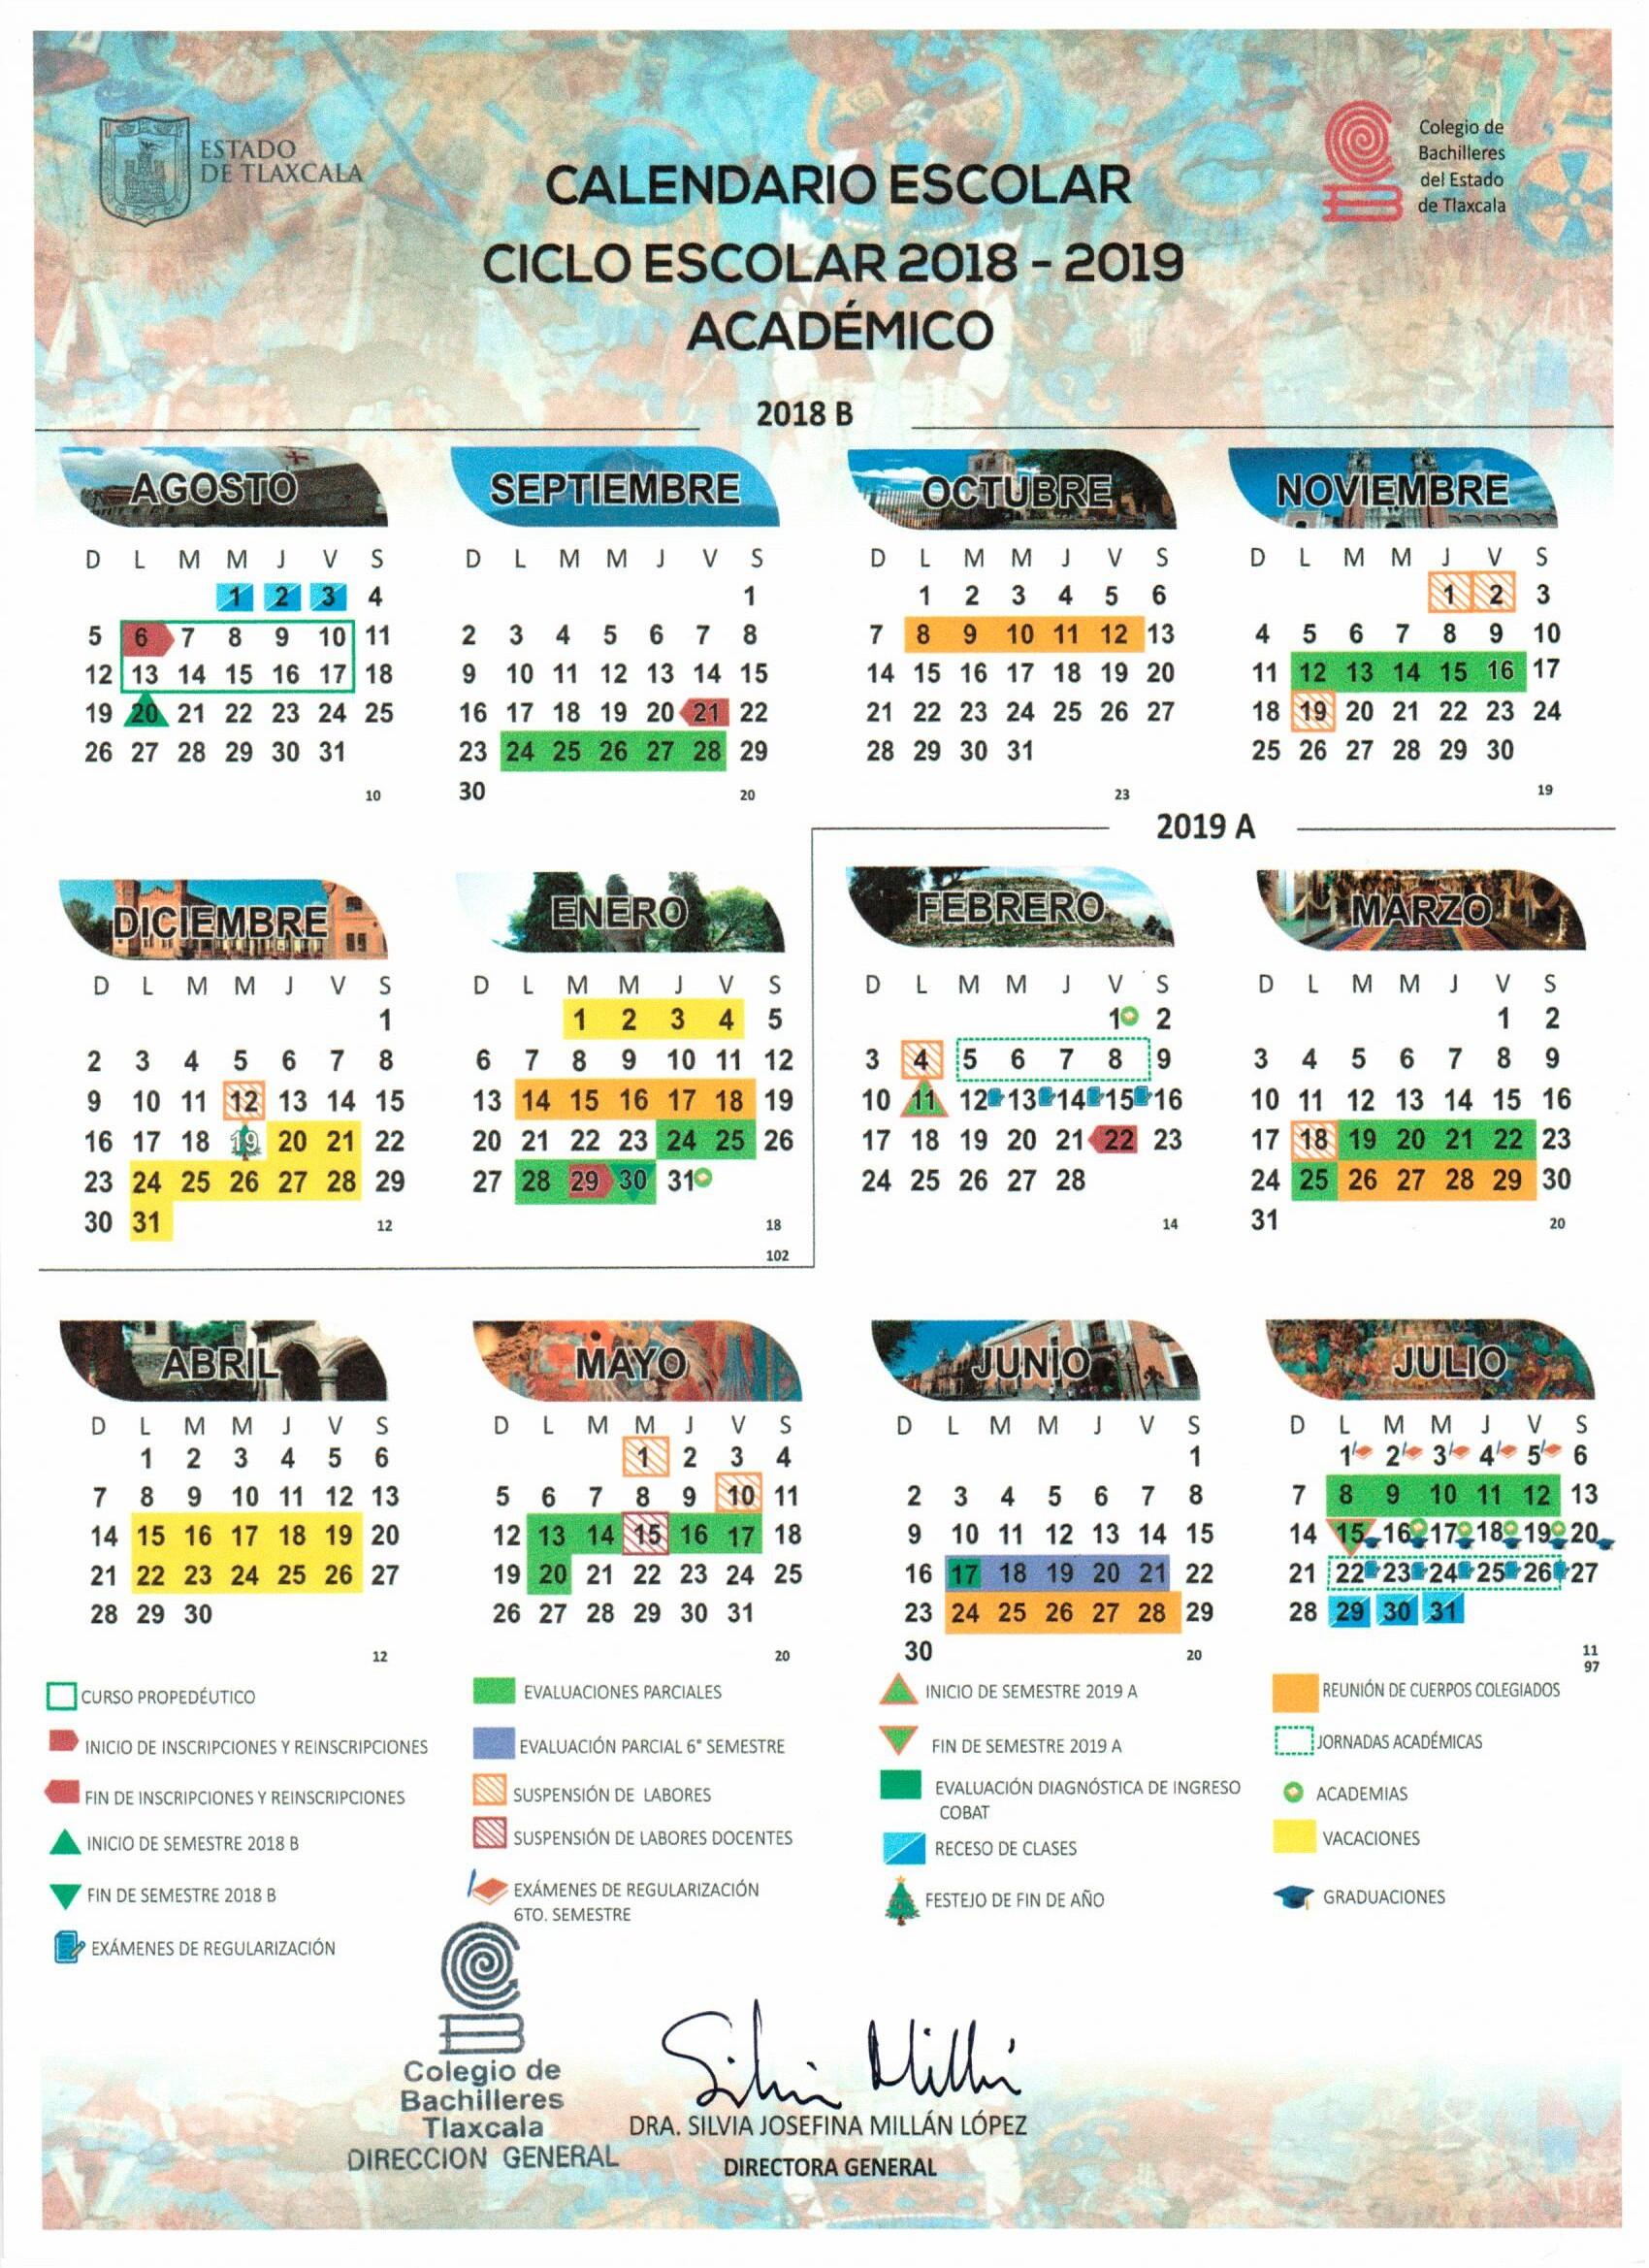 Imprimir Calendario Escolar 2017 Y 2019 Sep Más Populares Cobat Of Imprimir Calendario Escolar 2017 Y 2019 Sep Actual Calendario Escolar Málaga 2017 2018 La Diversiva Gua De Ocio